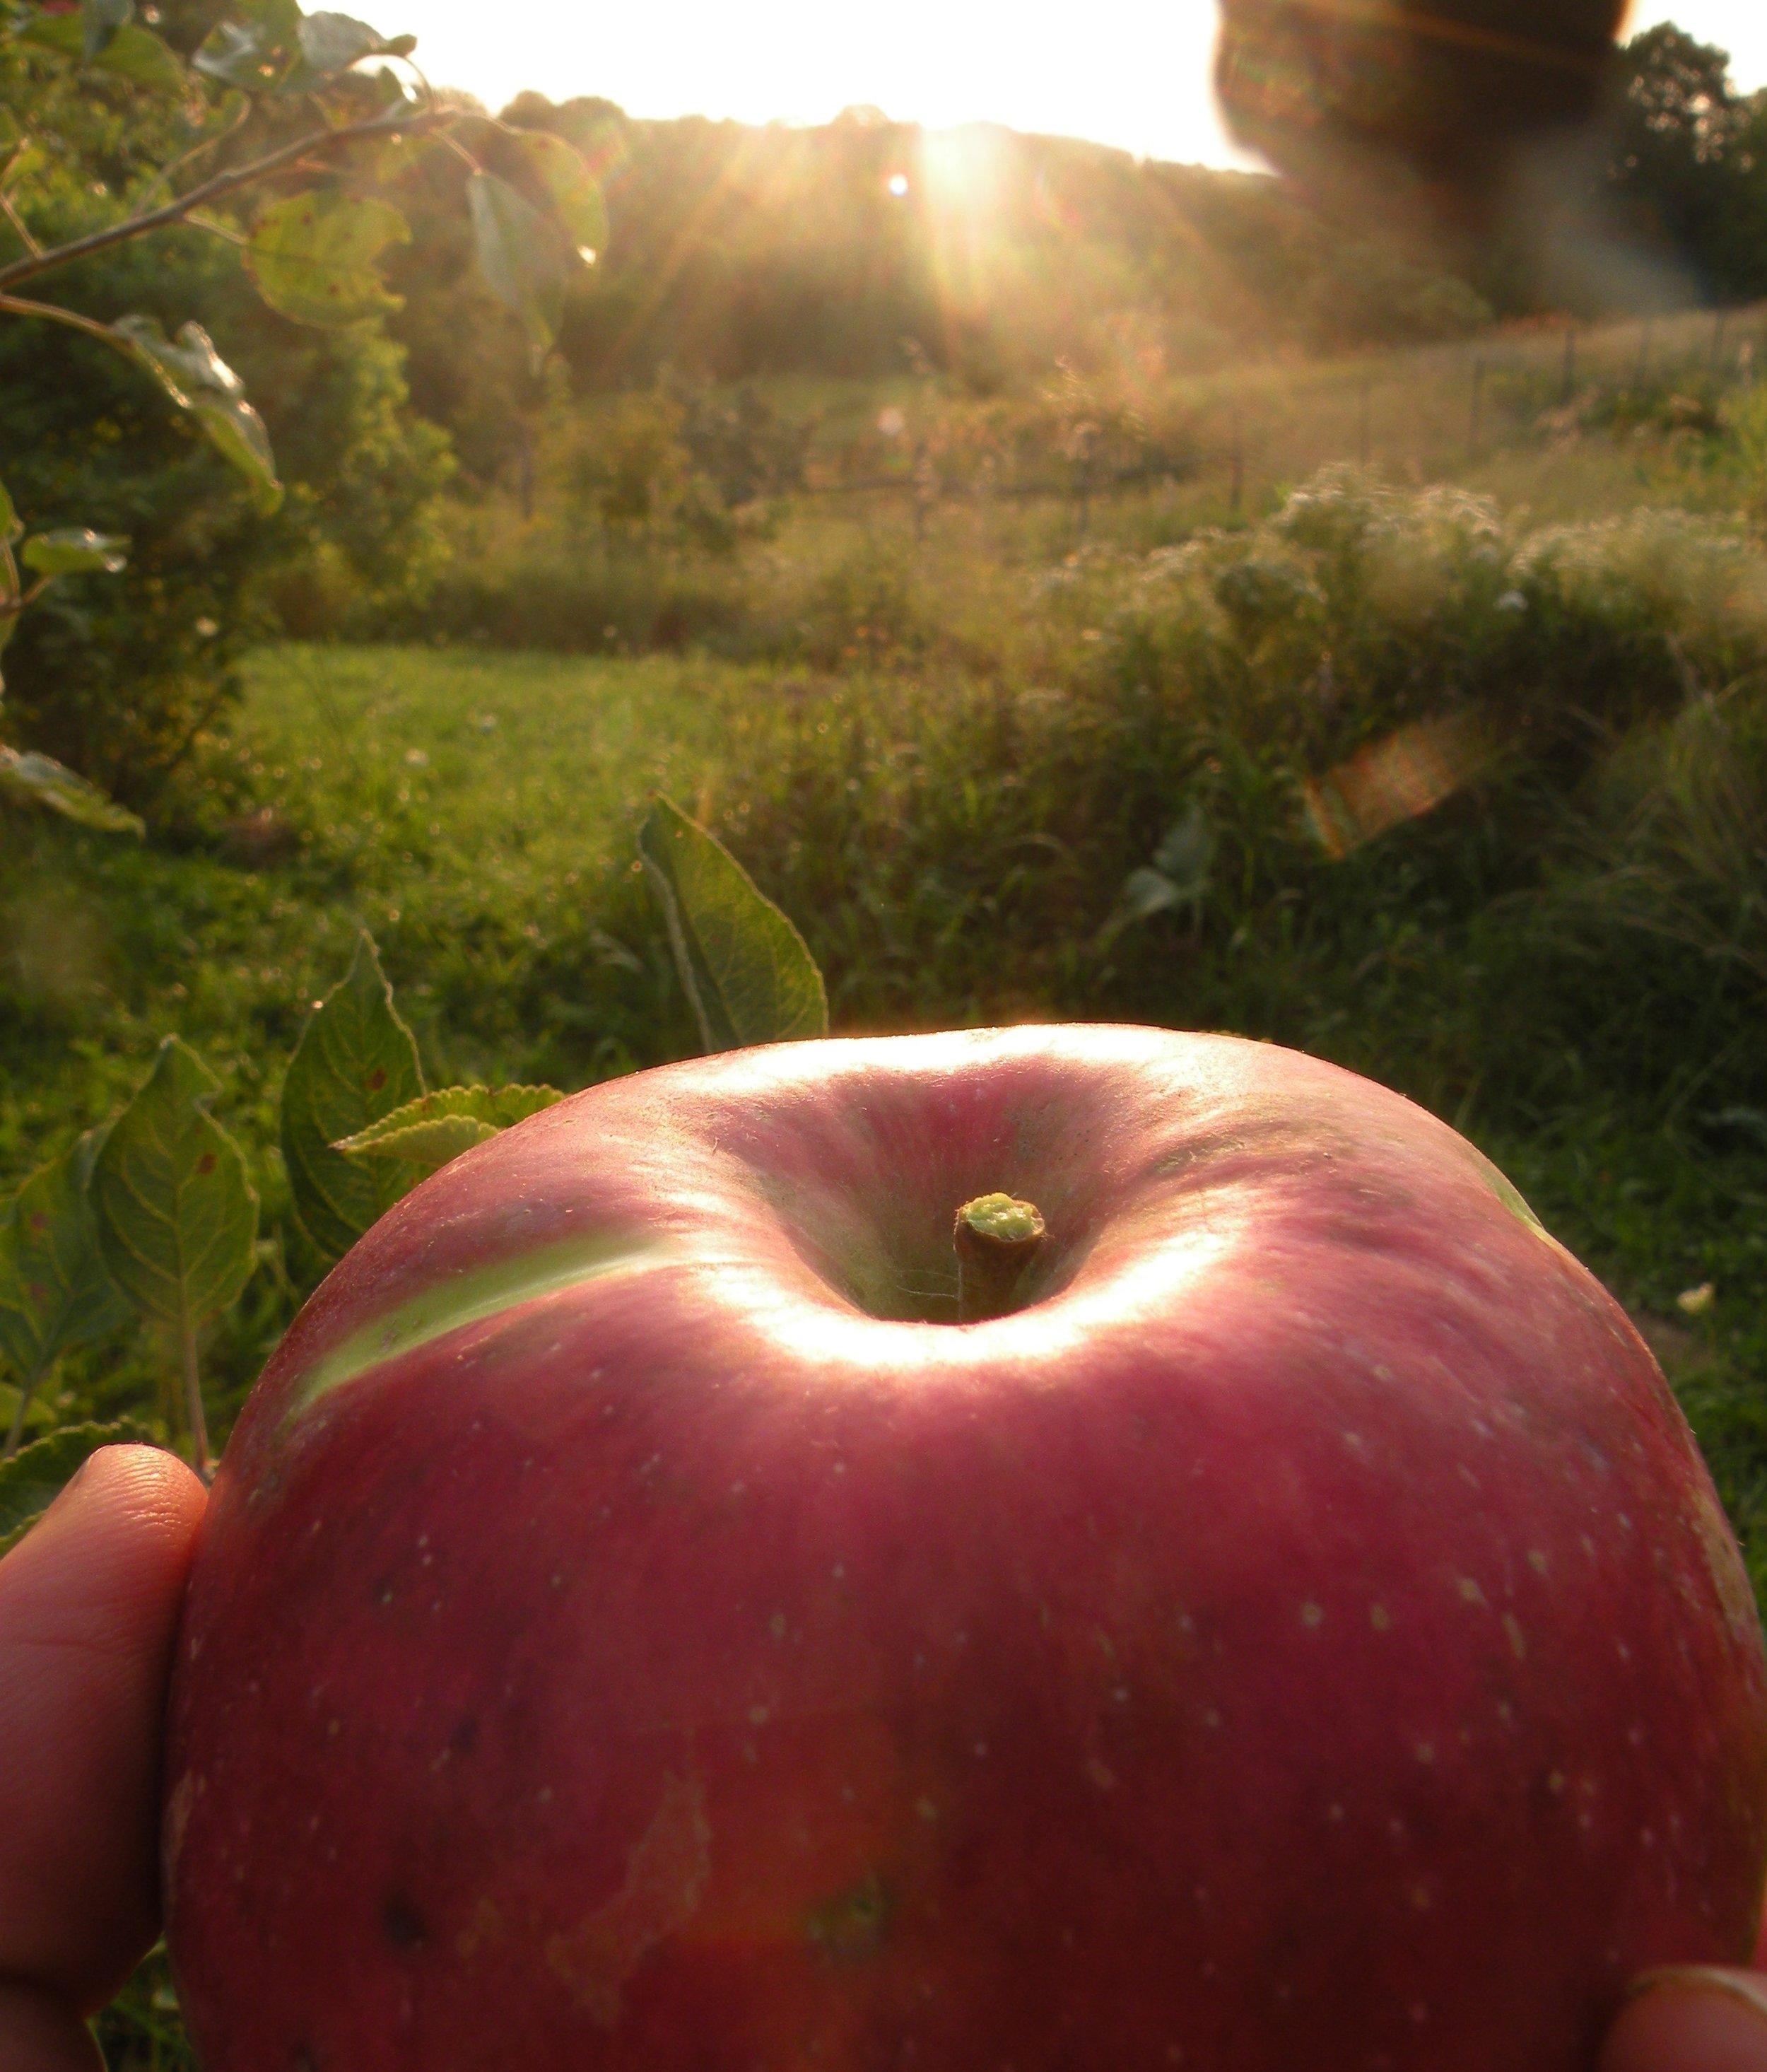 Zestar apple sunsets Photo by Erin Schneider